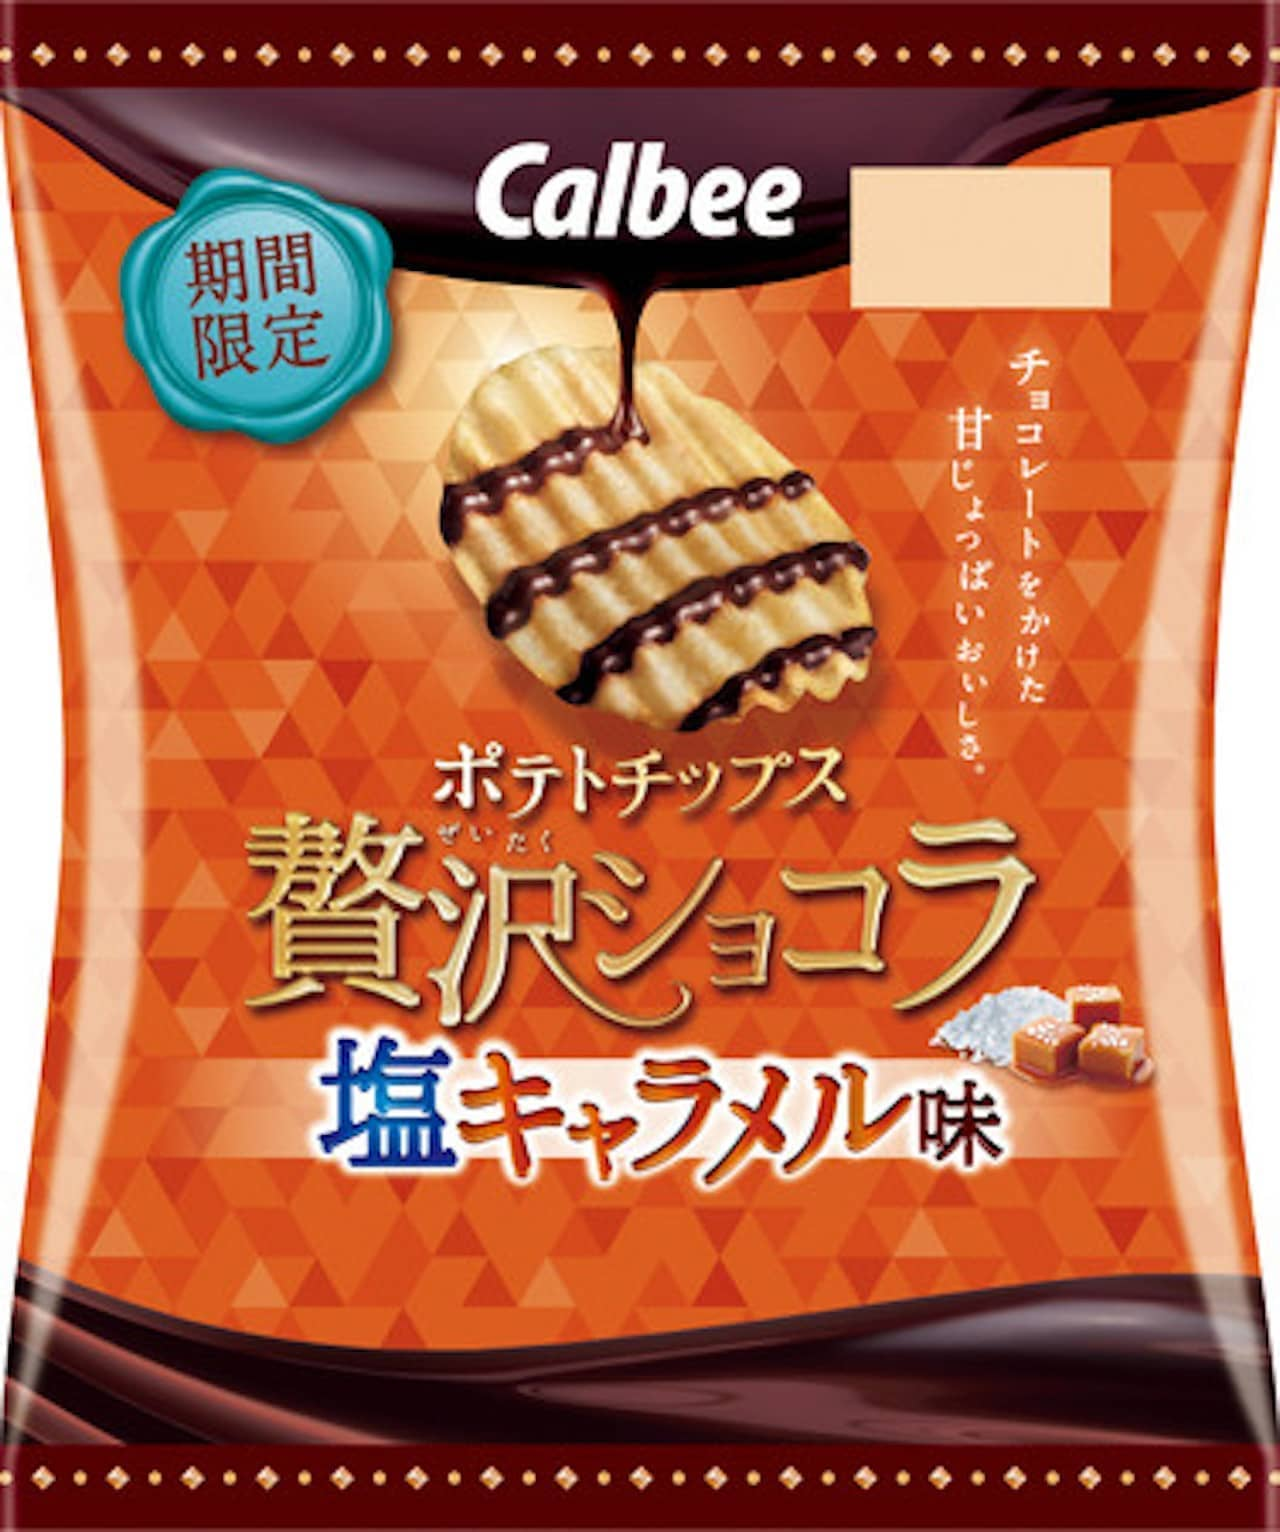 カルビー冬季限定「ポテトチップス贅沢ショコラ 塩キャラメル味」